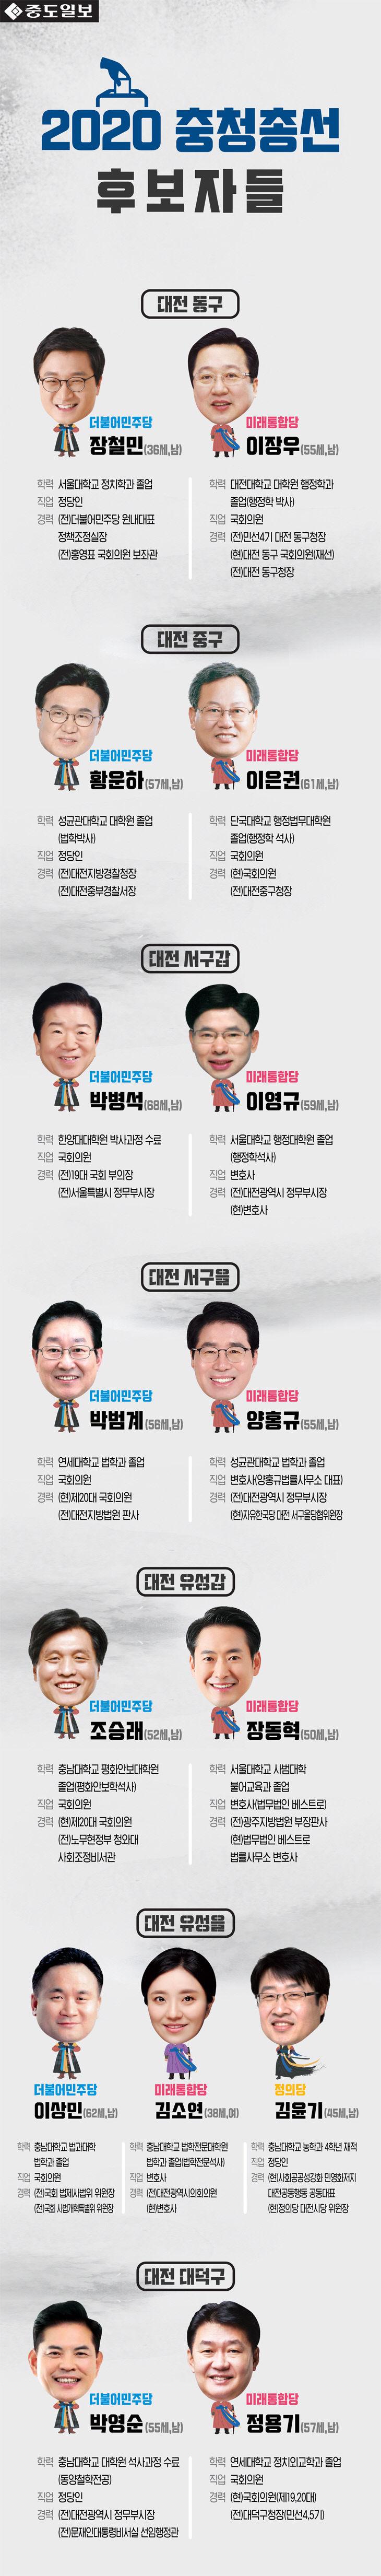 총선-후보자프로필-대전